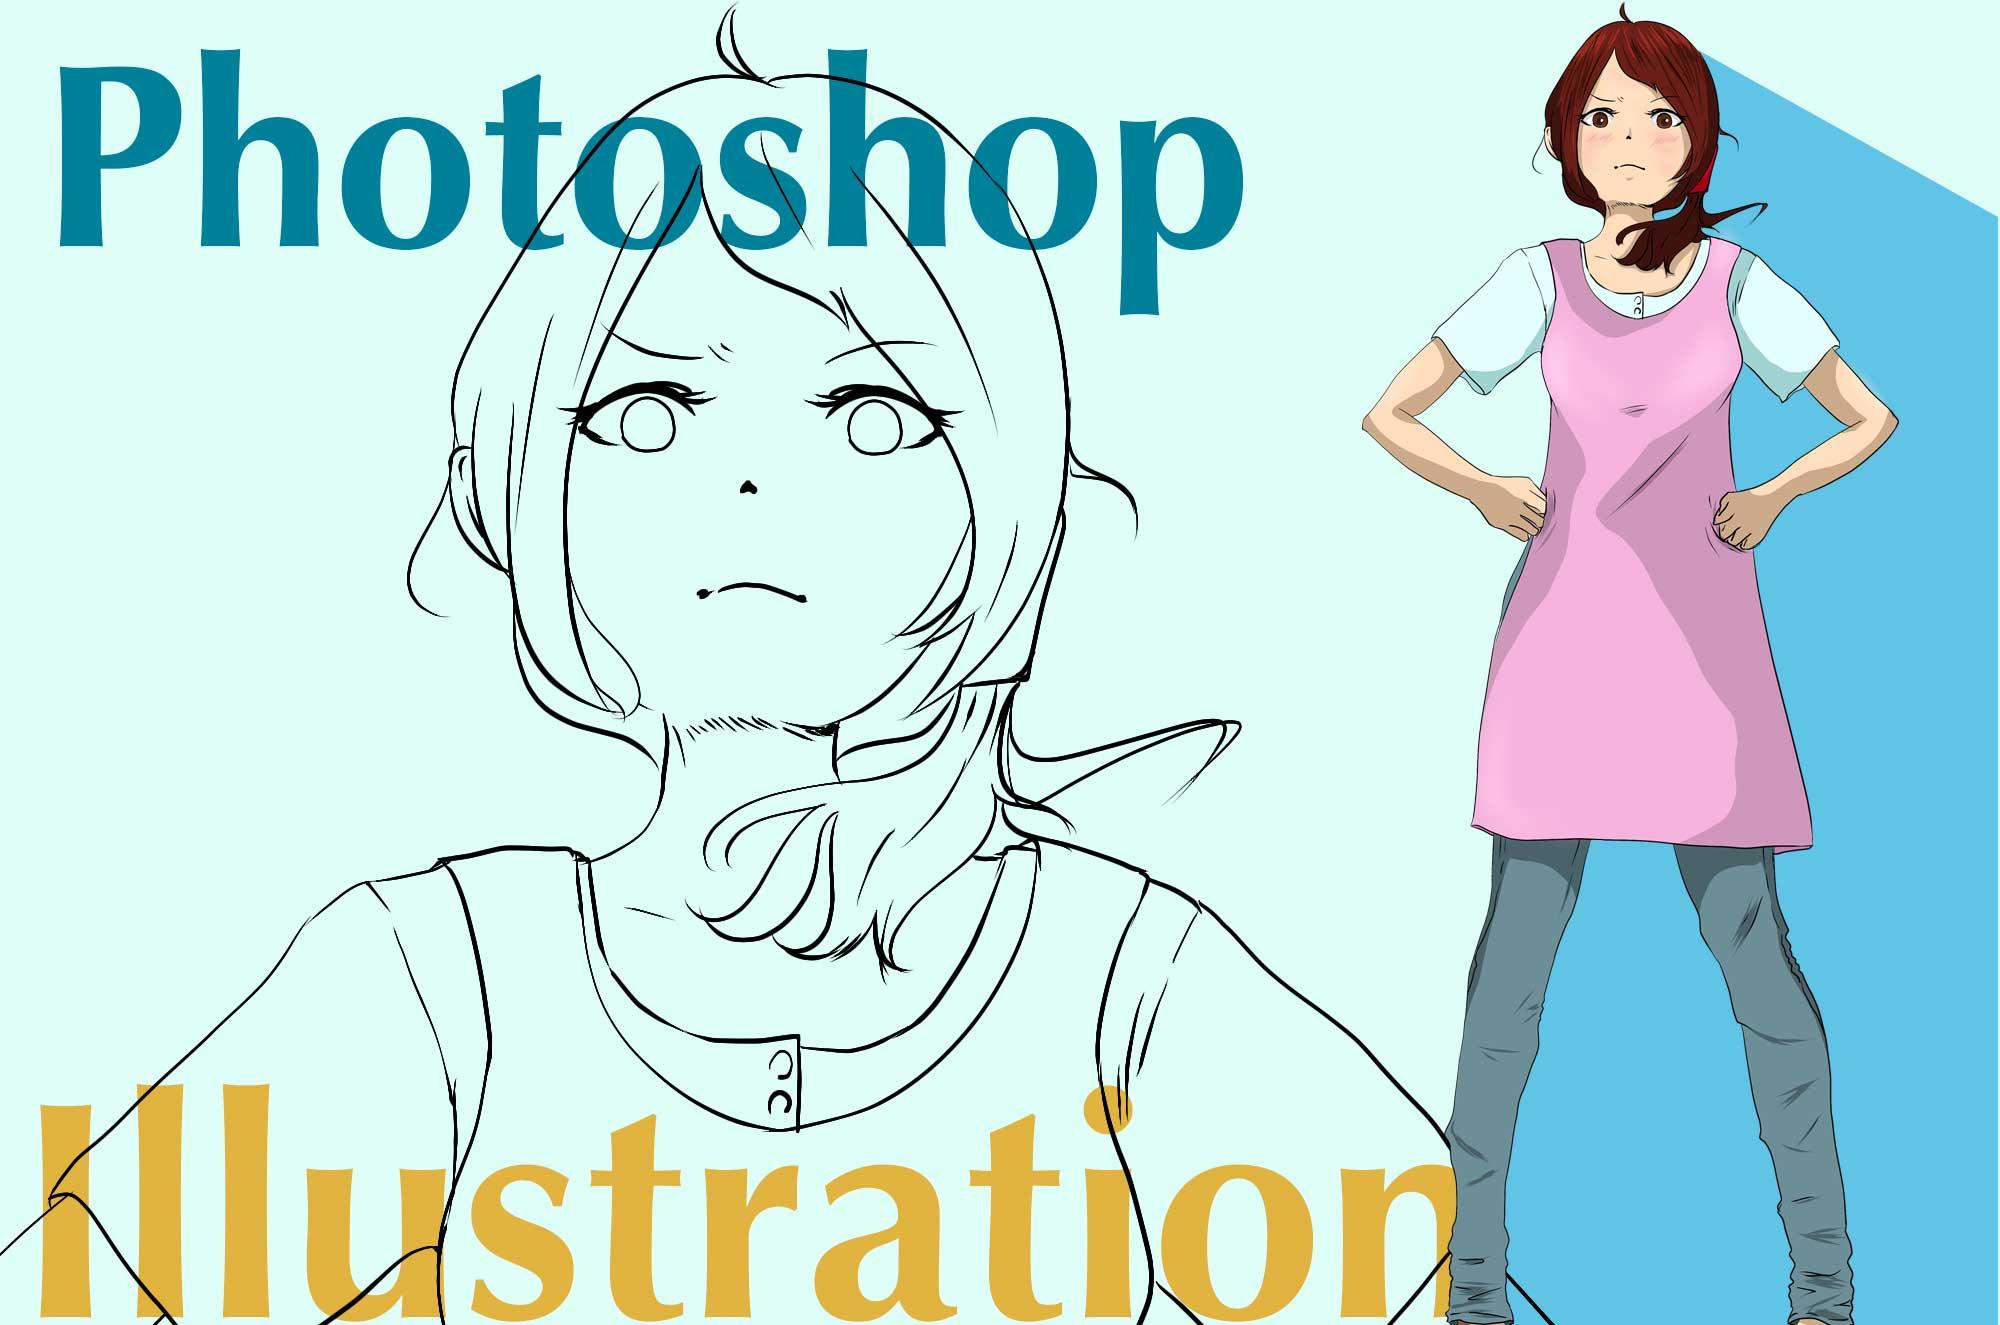 フォトショップで簡単にイラストを描く方法